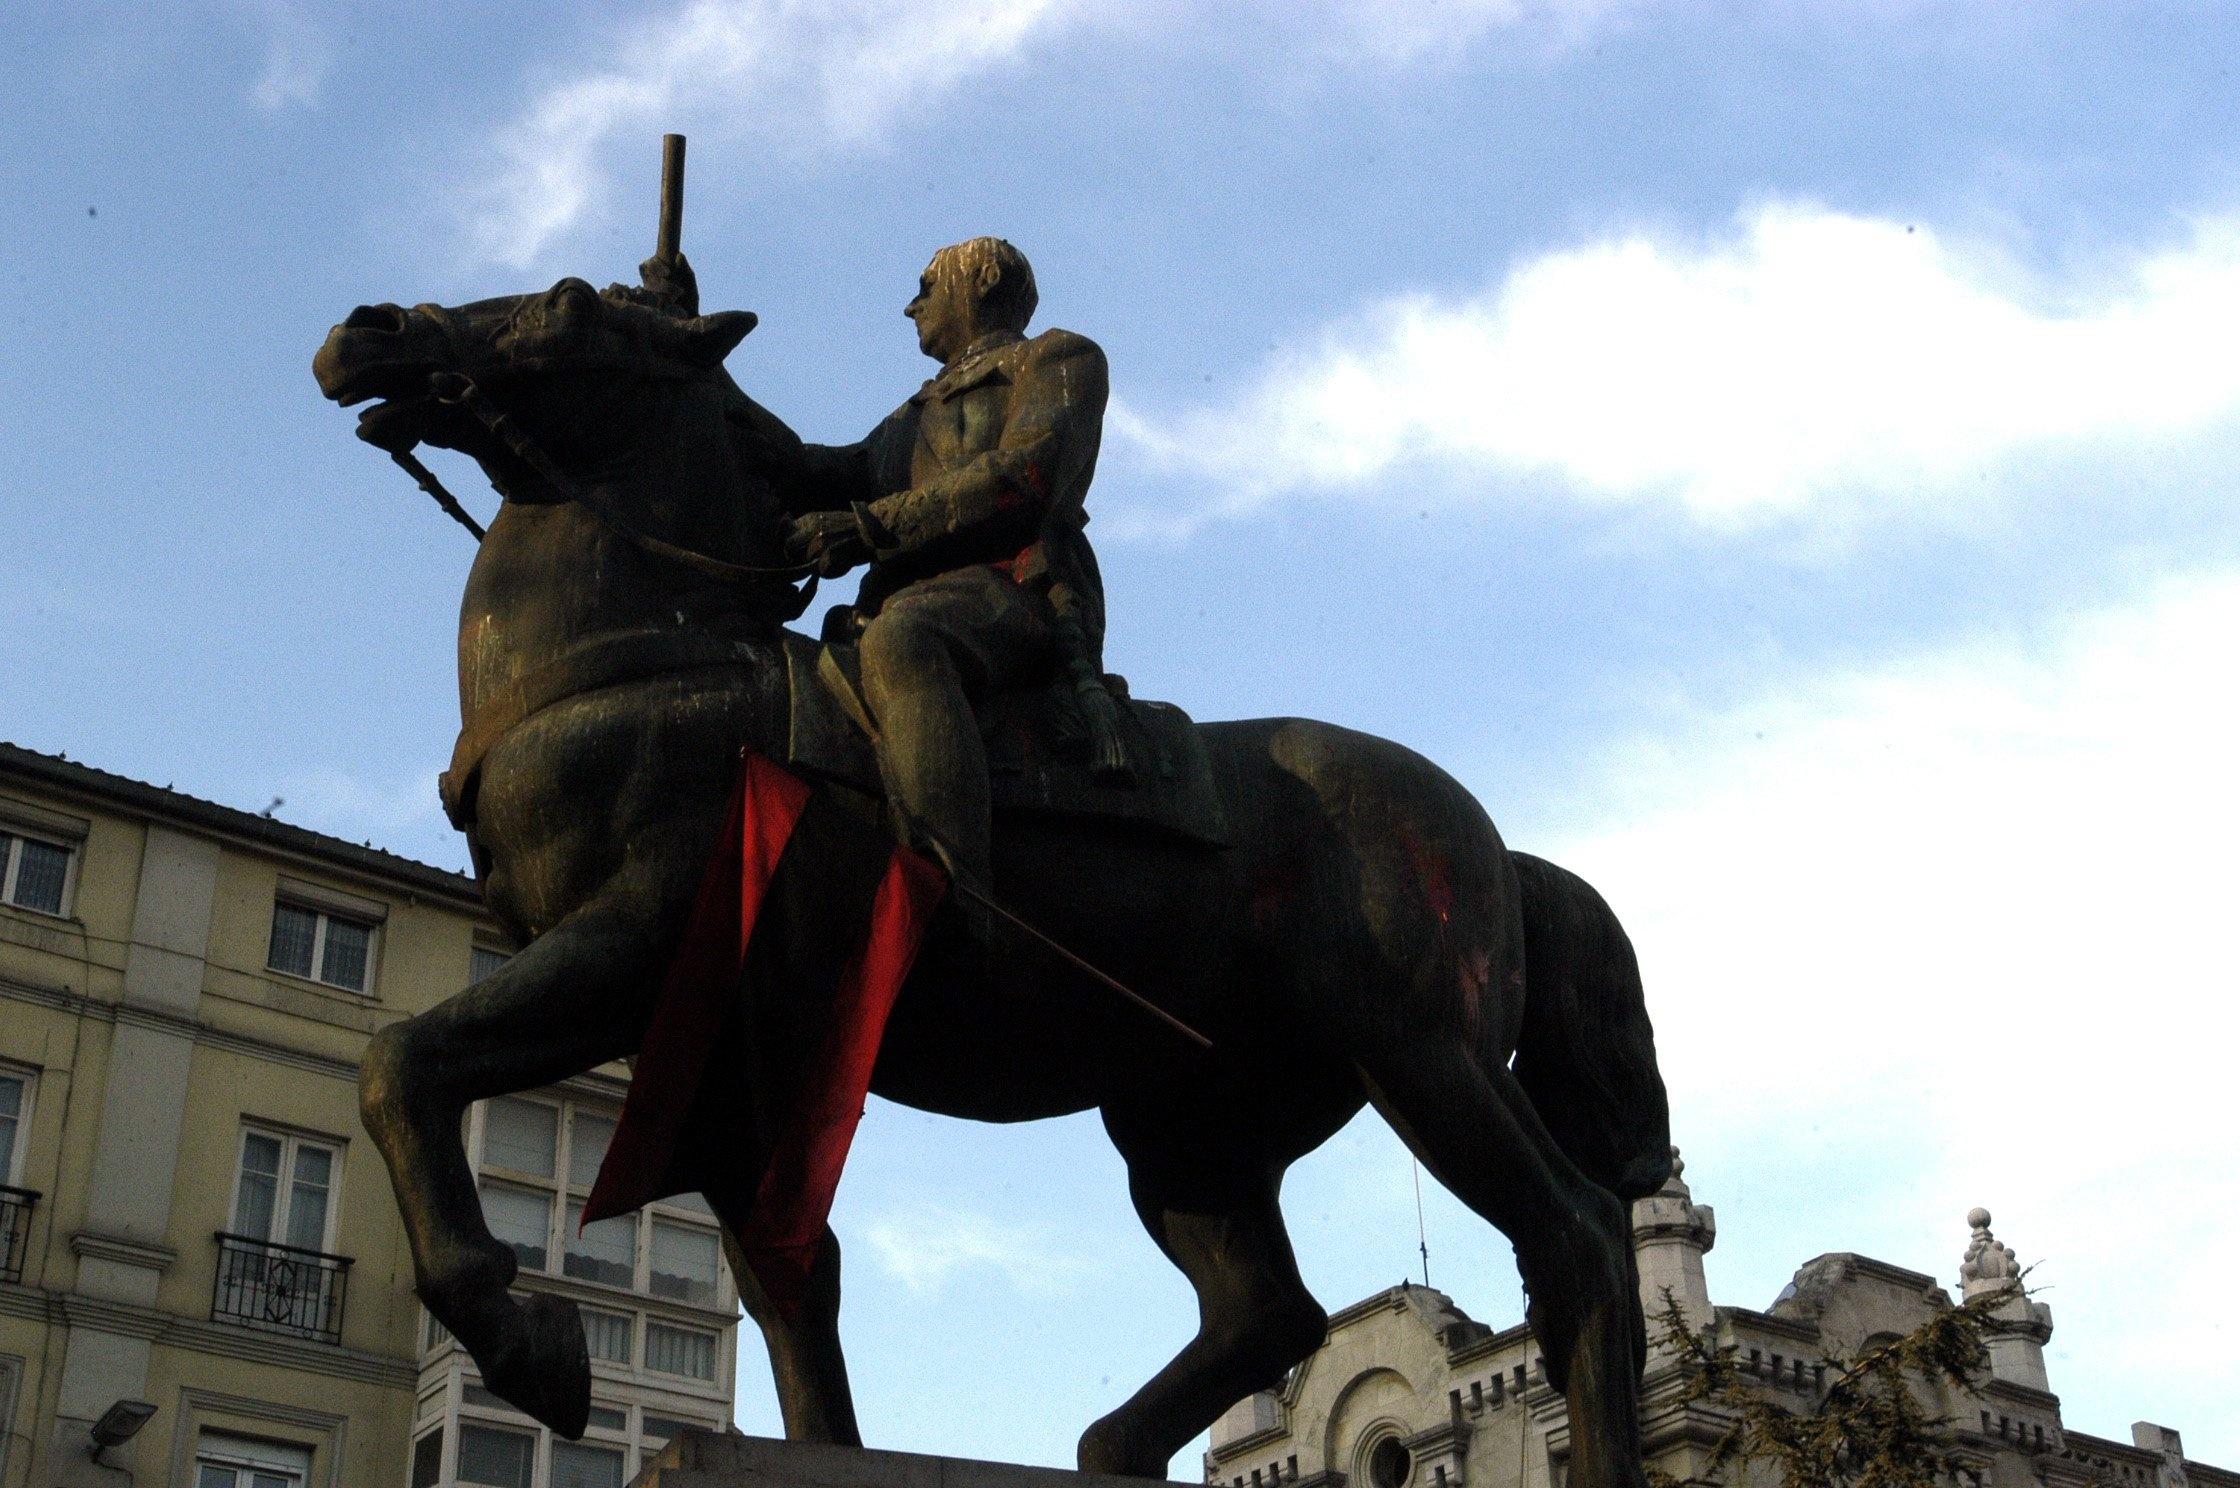 El PP se queda solo rechazando en el Congreso instar al Gobierno a retirar los símbolos franquistas